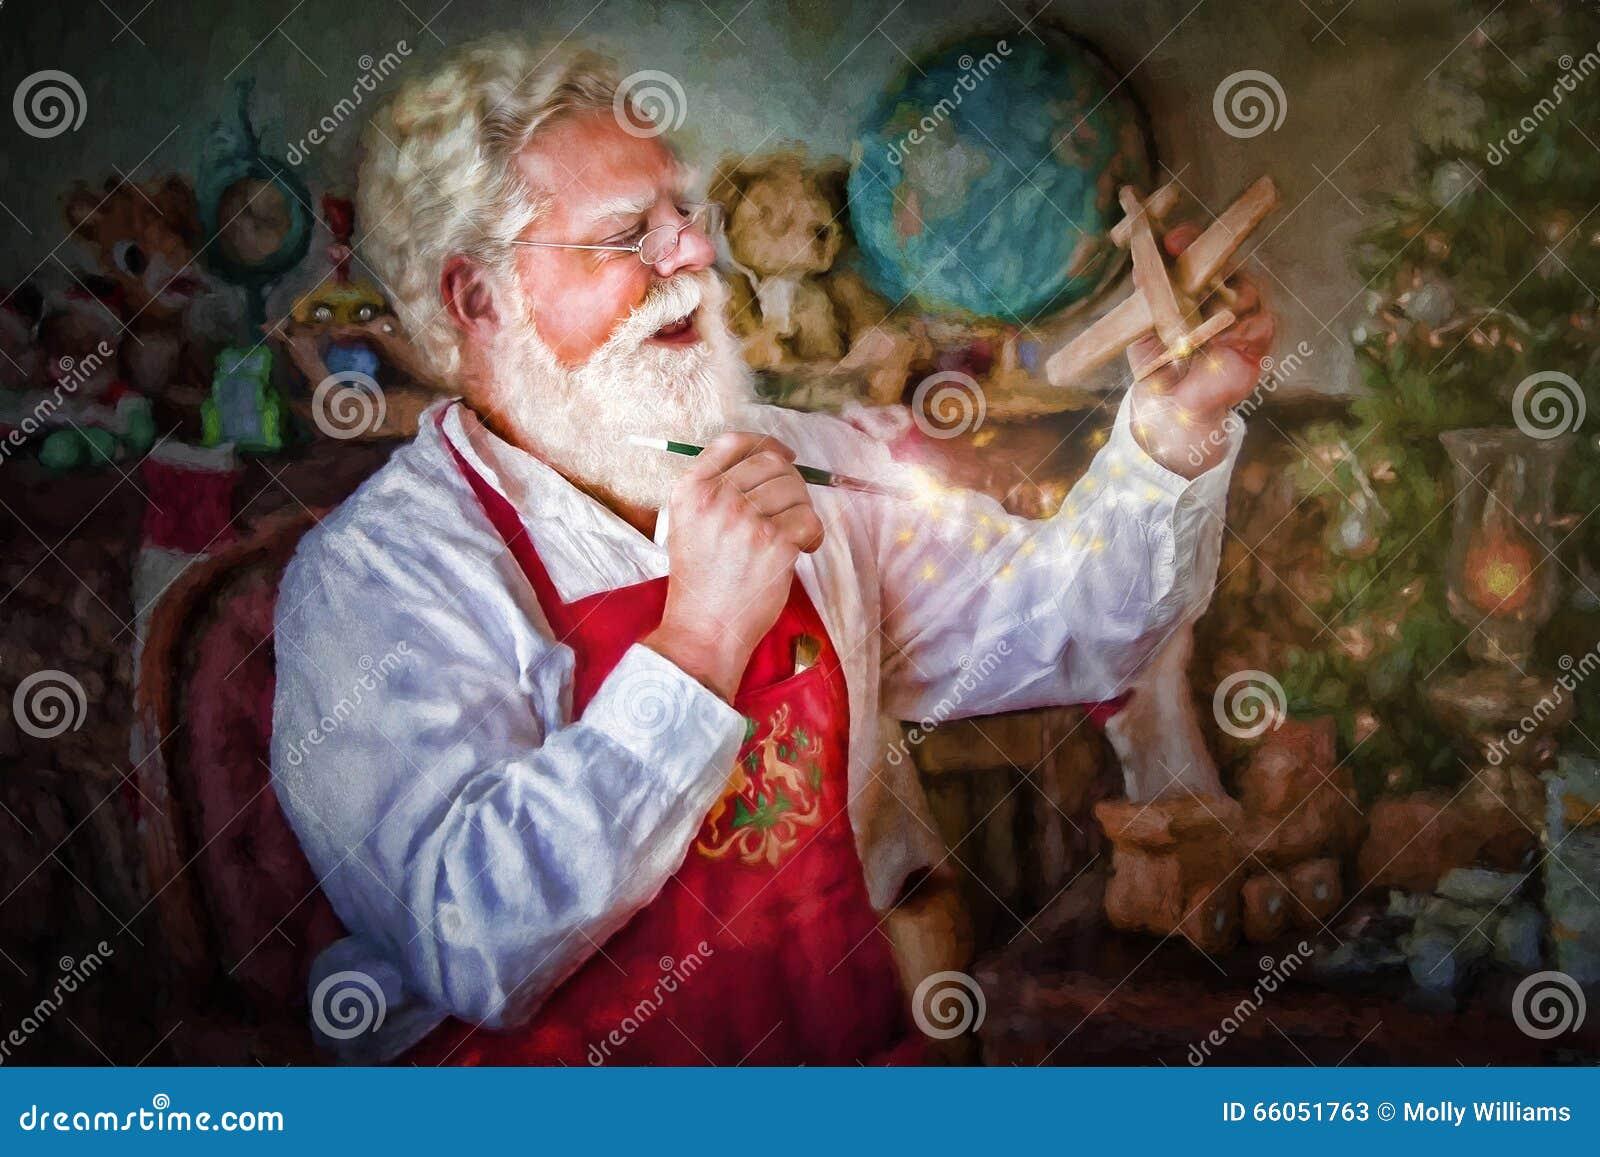 Παιχνίδια ζωγραφικής Άγιου Βασίλη